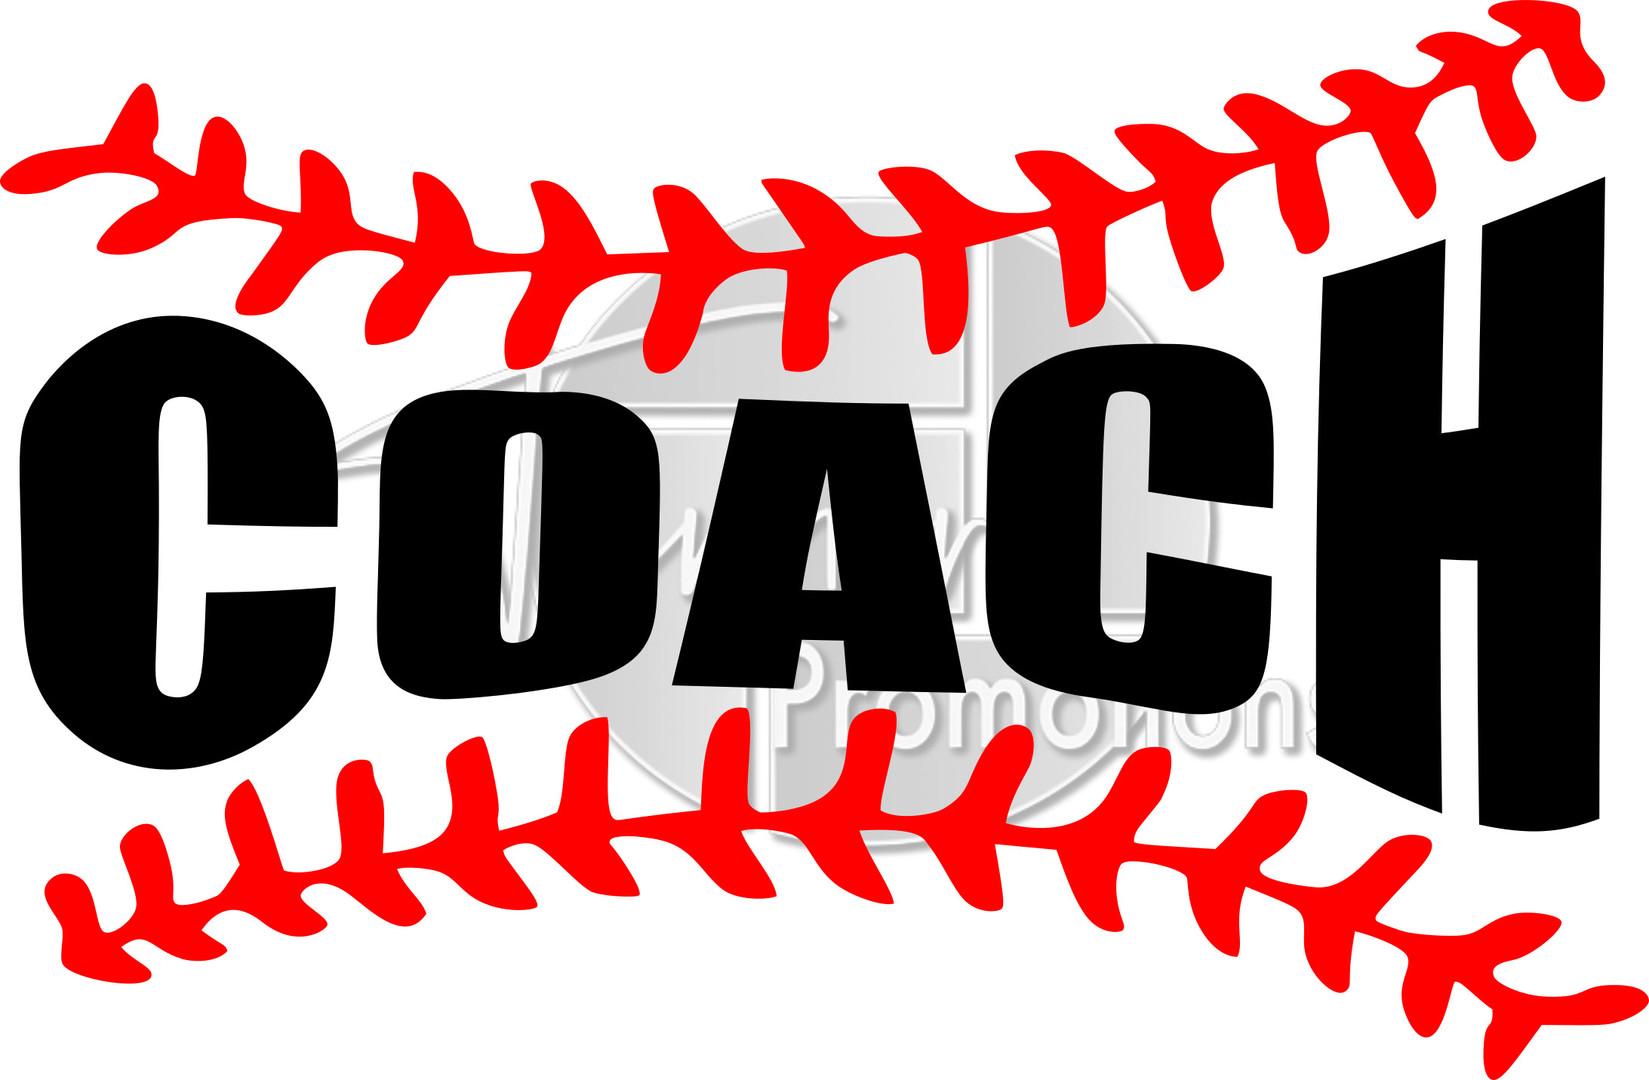 coachbaseball.jpg